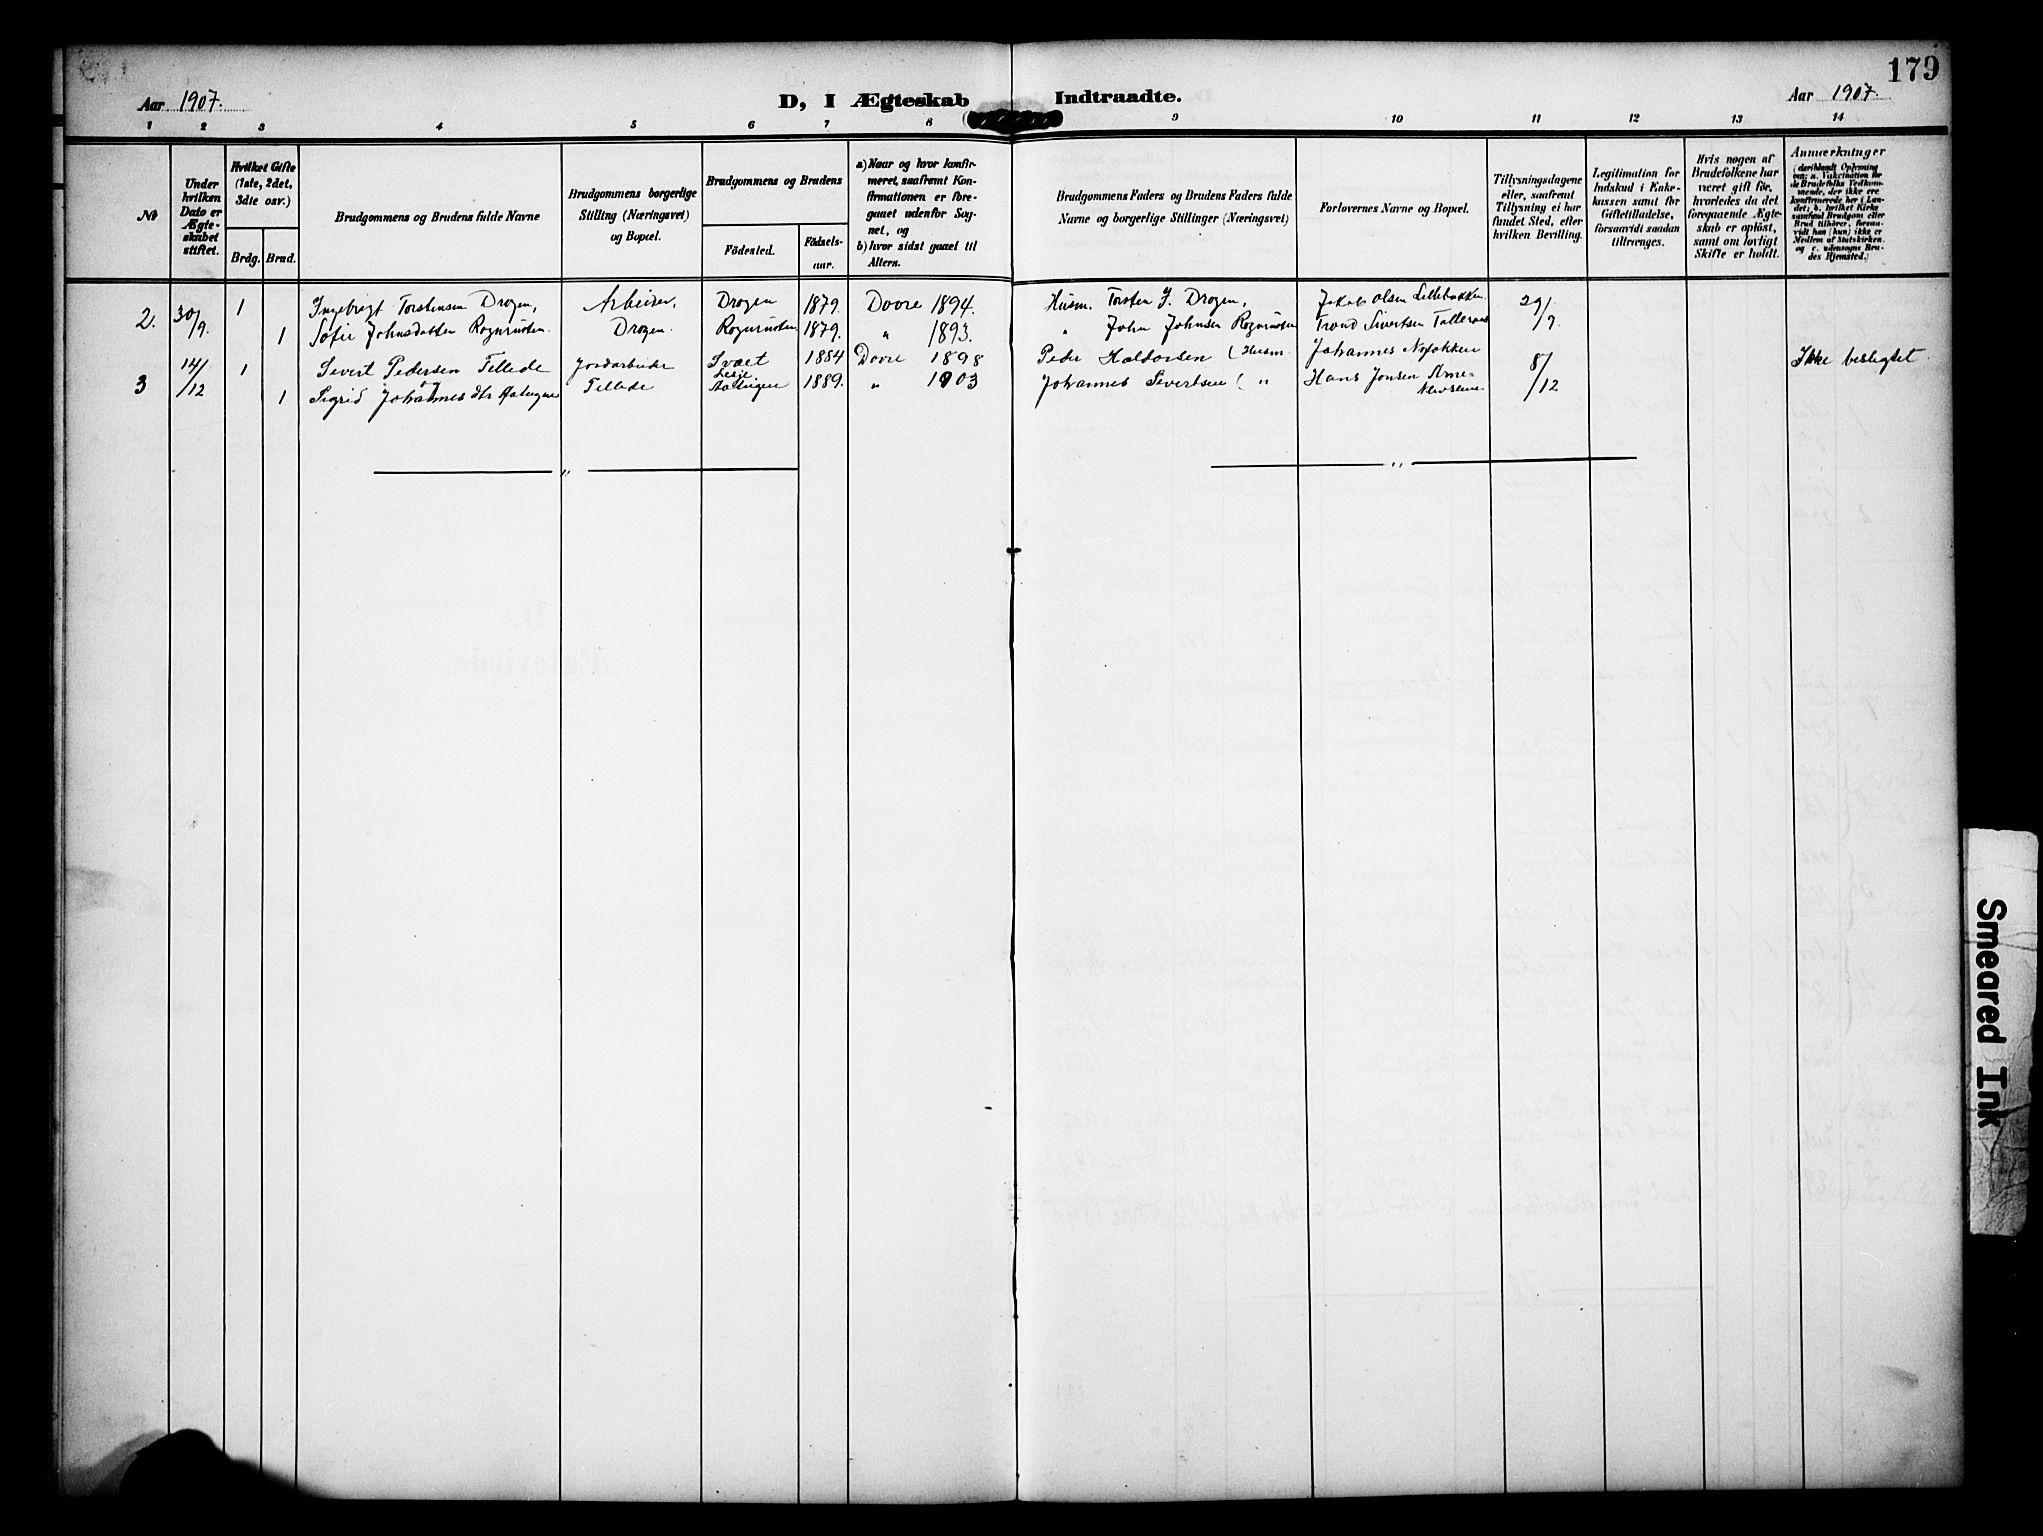 SAH, Dovre prestekontor, Klokkerbok nr. 3, 1907-1929, s. 179